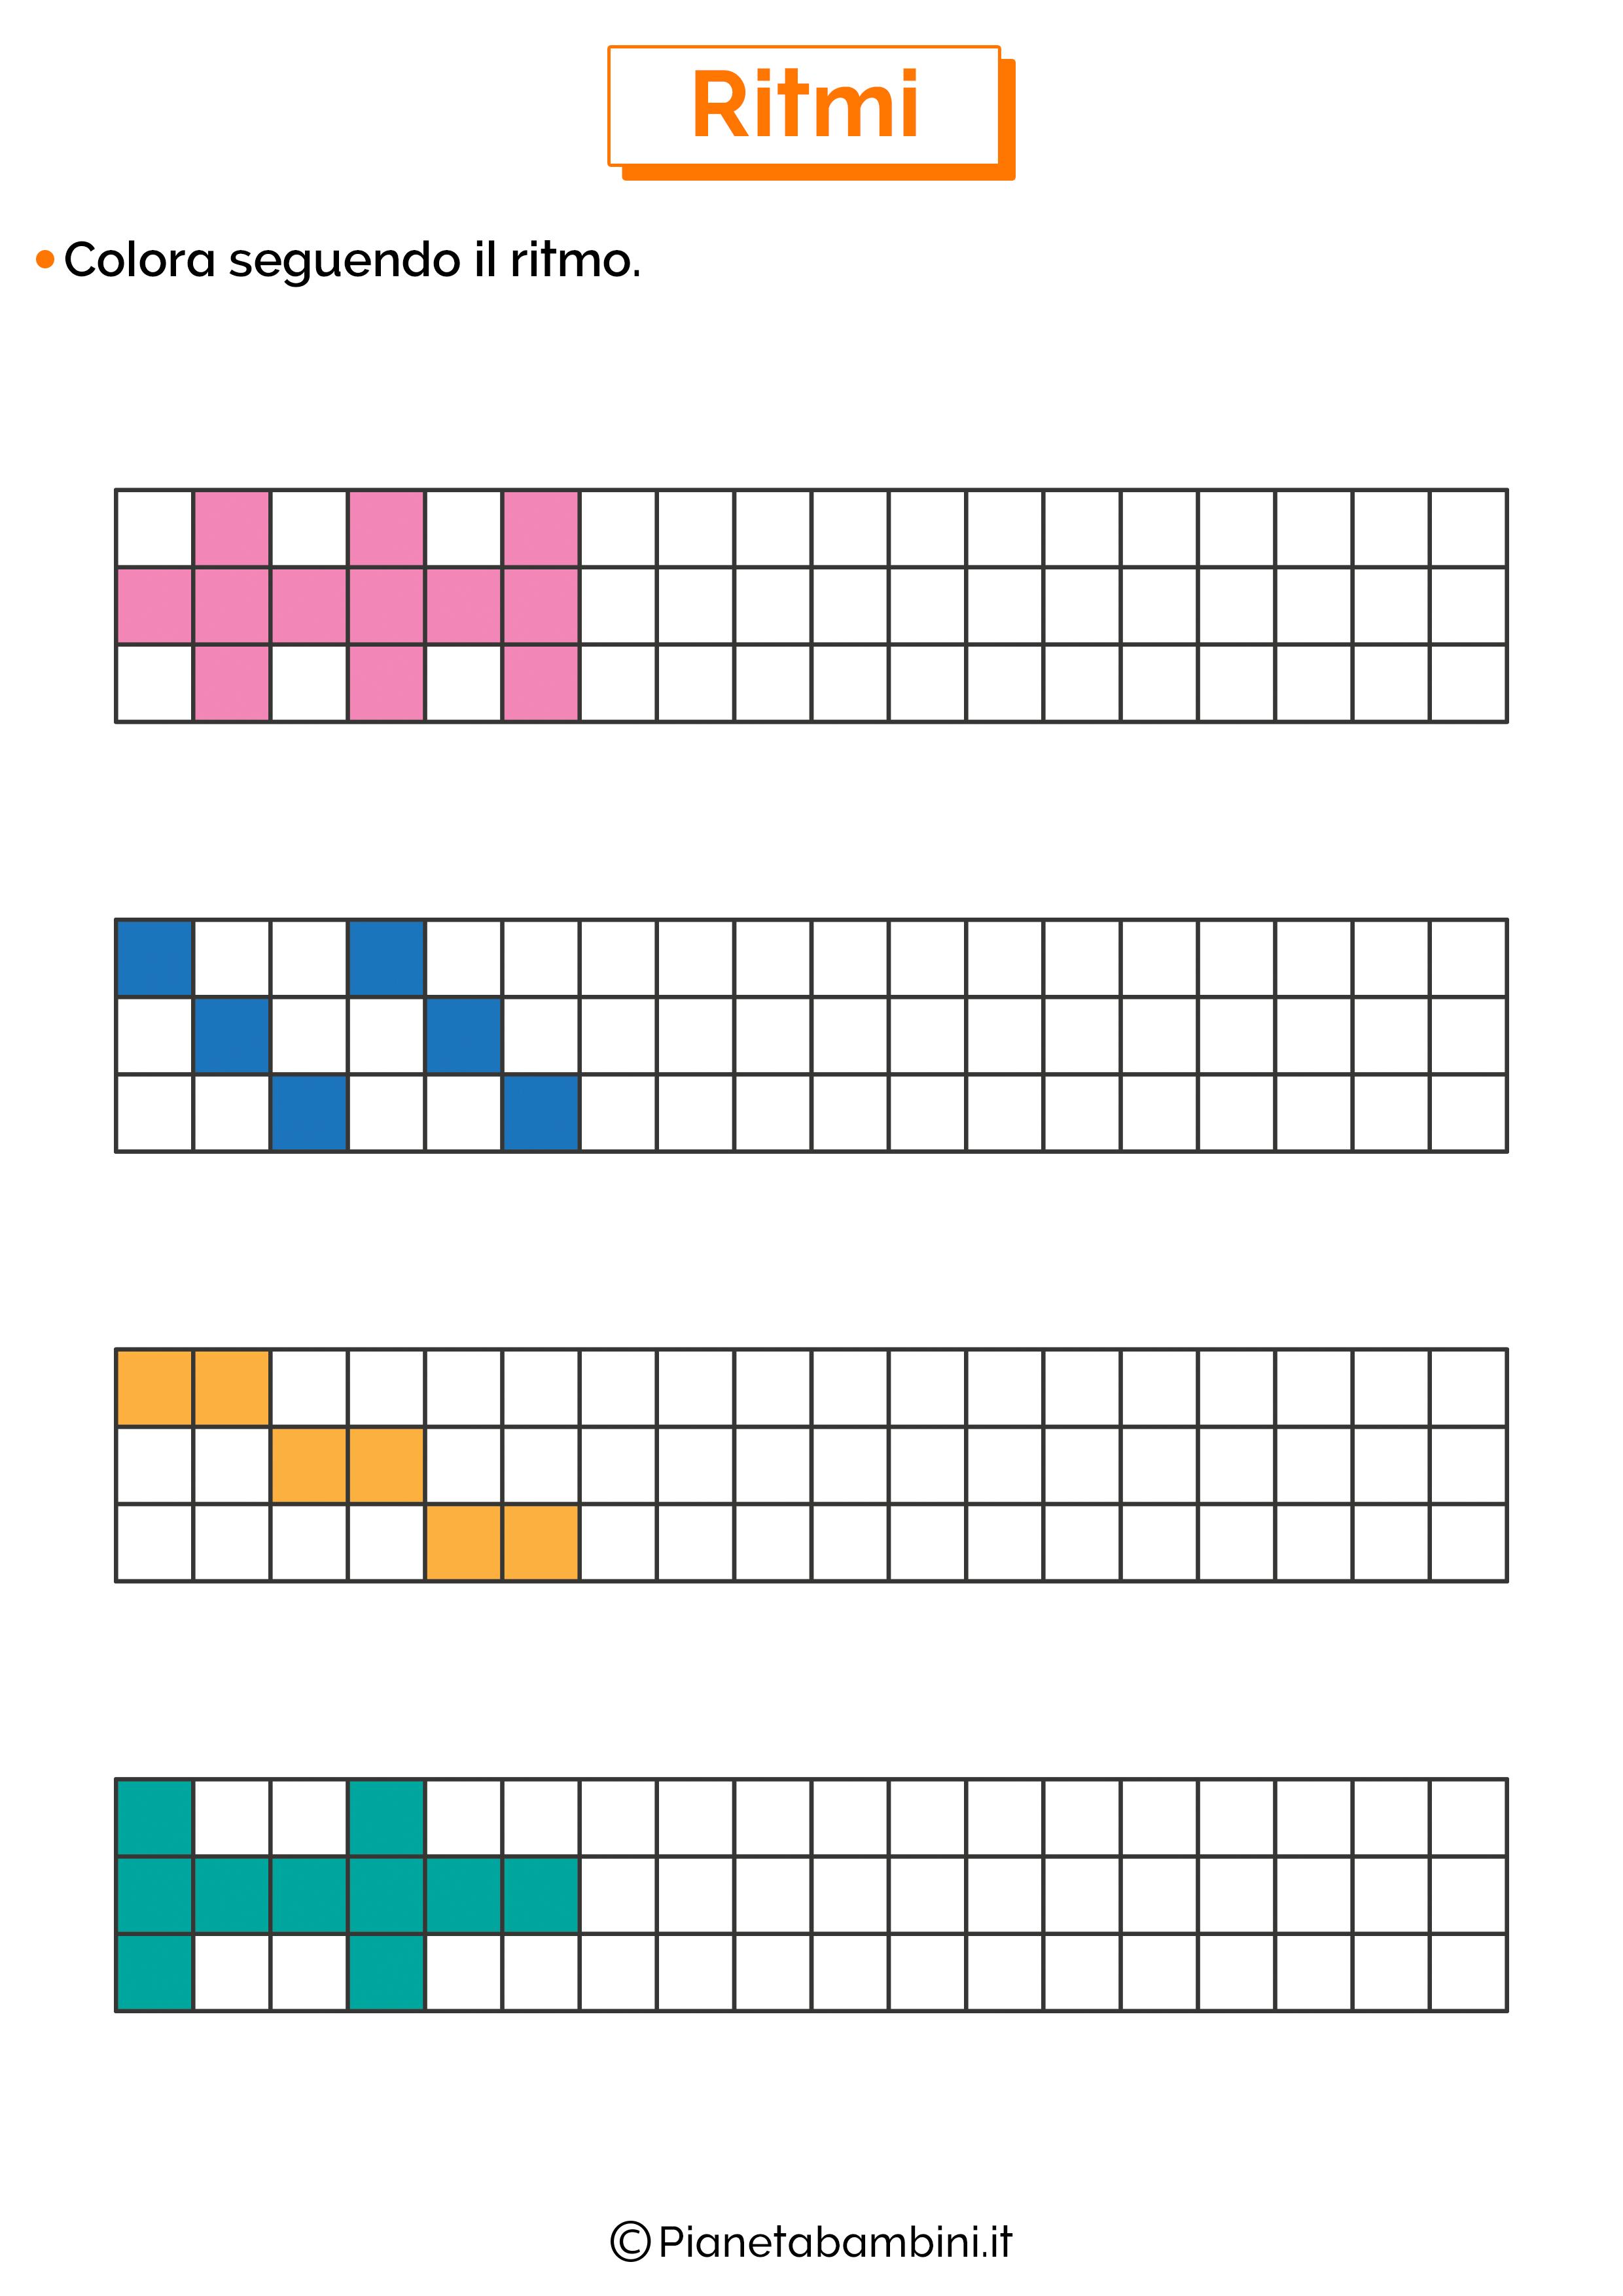 Esercizi sui ritmi da colorare 3